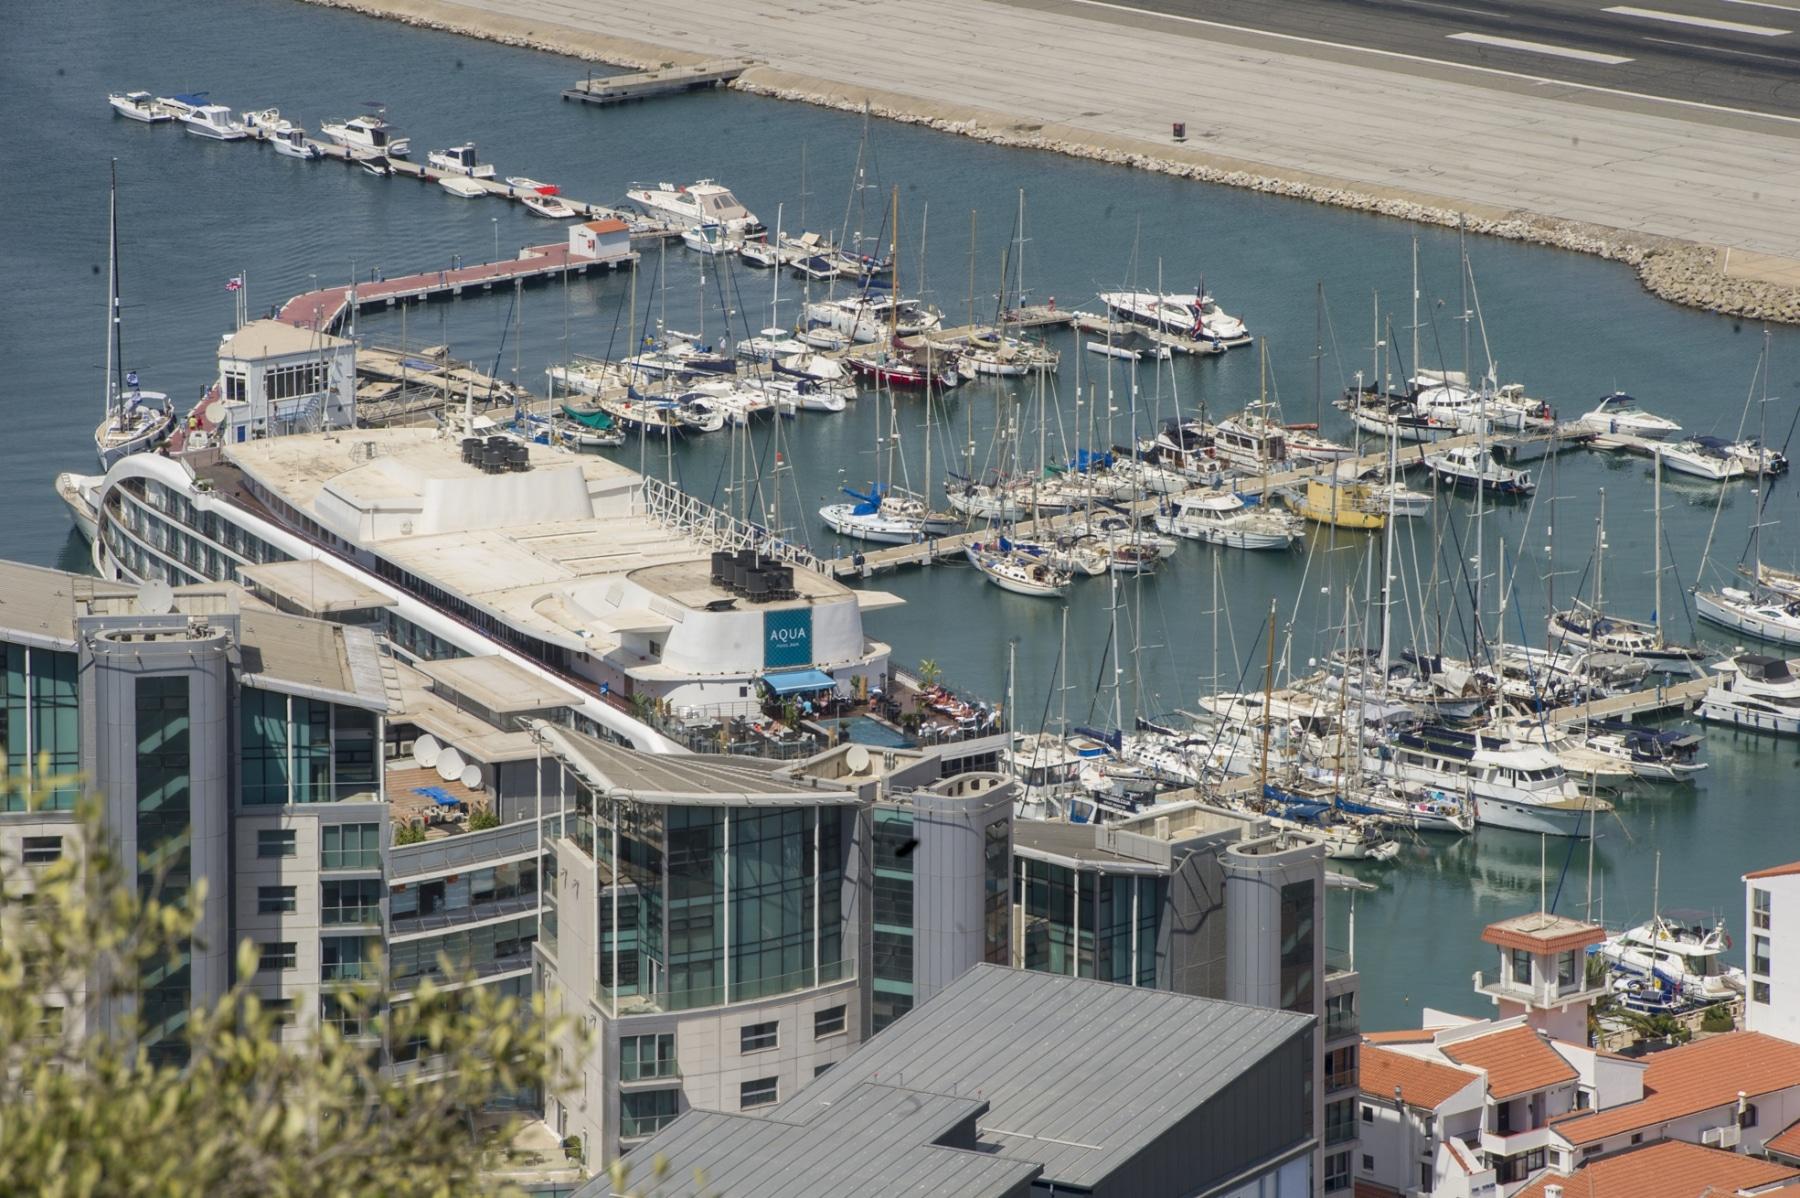 la-marina-de-ocean-village-desde-la-parte-alta-del-pen-de-gibraltar_22551851240_o